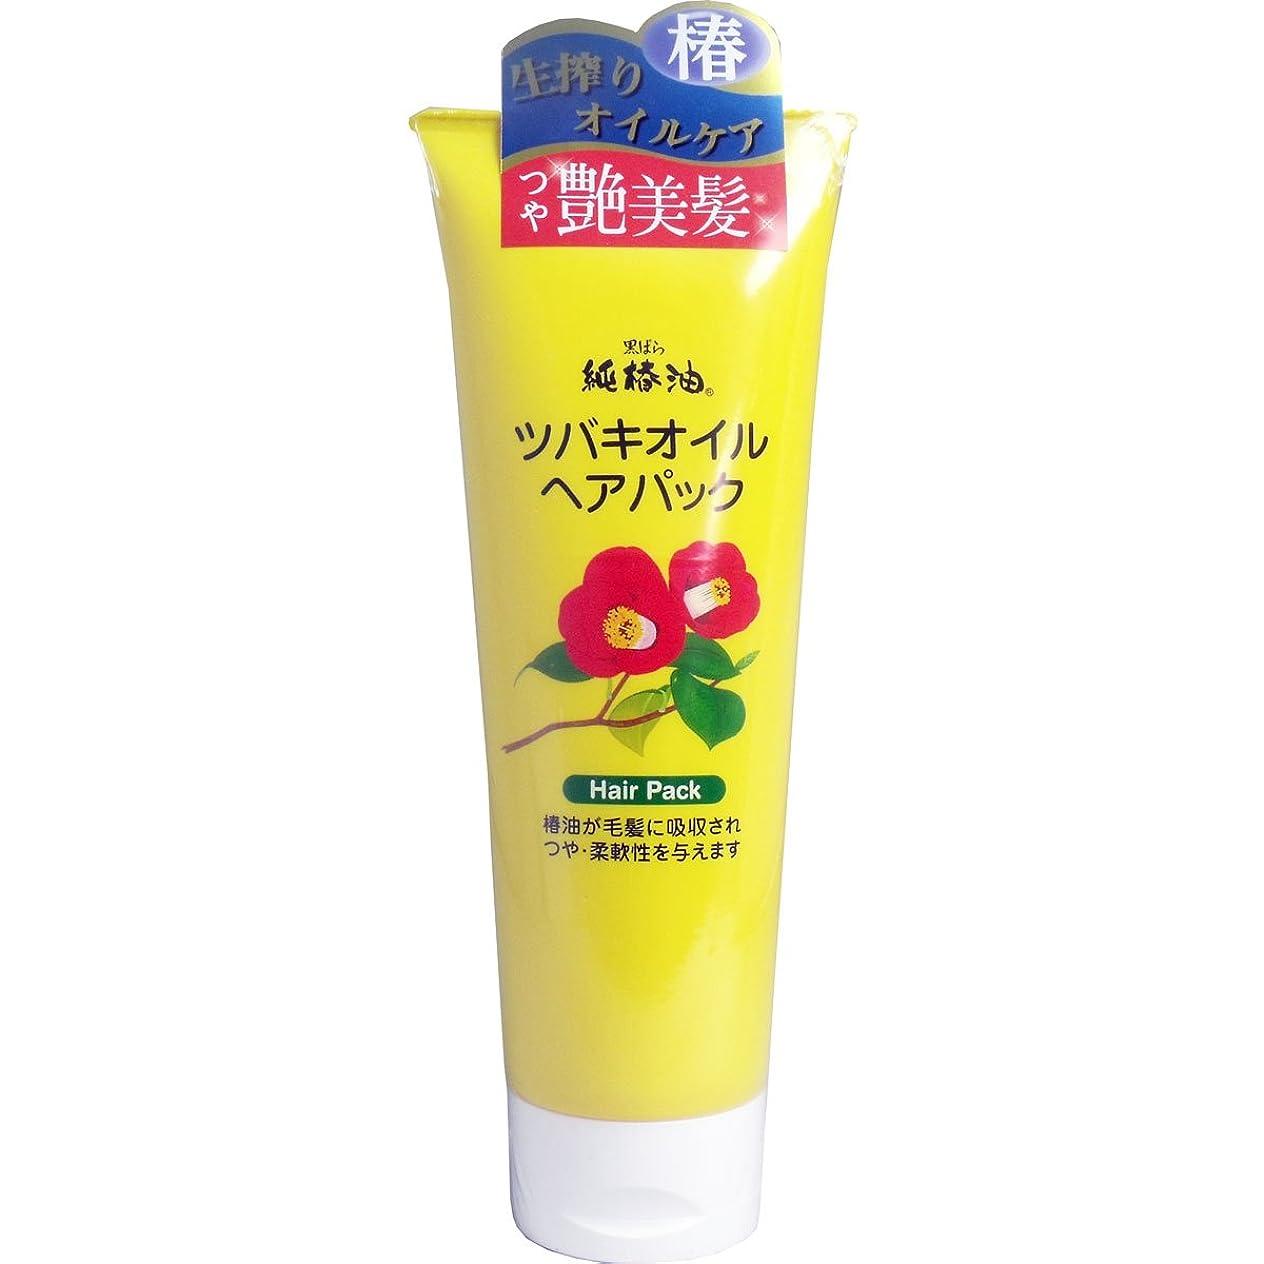 企業外交官熱帯の黒ばら 純椿油 ツバキオイルヘアパック 3セット